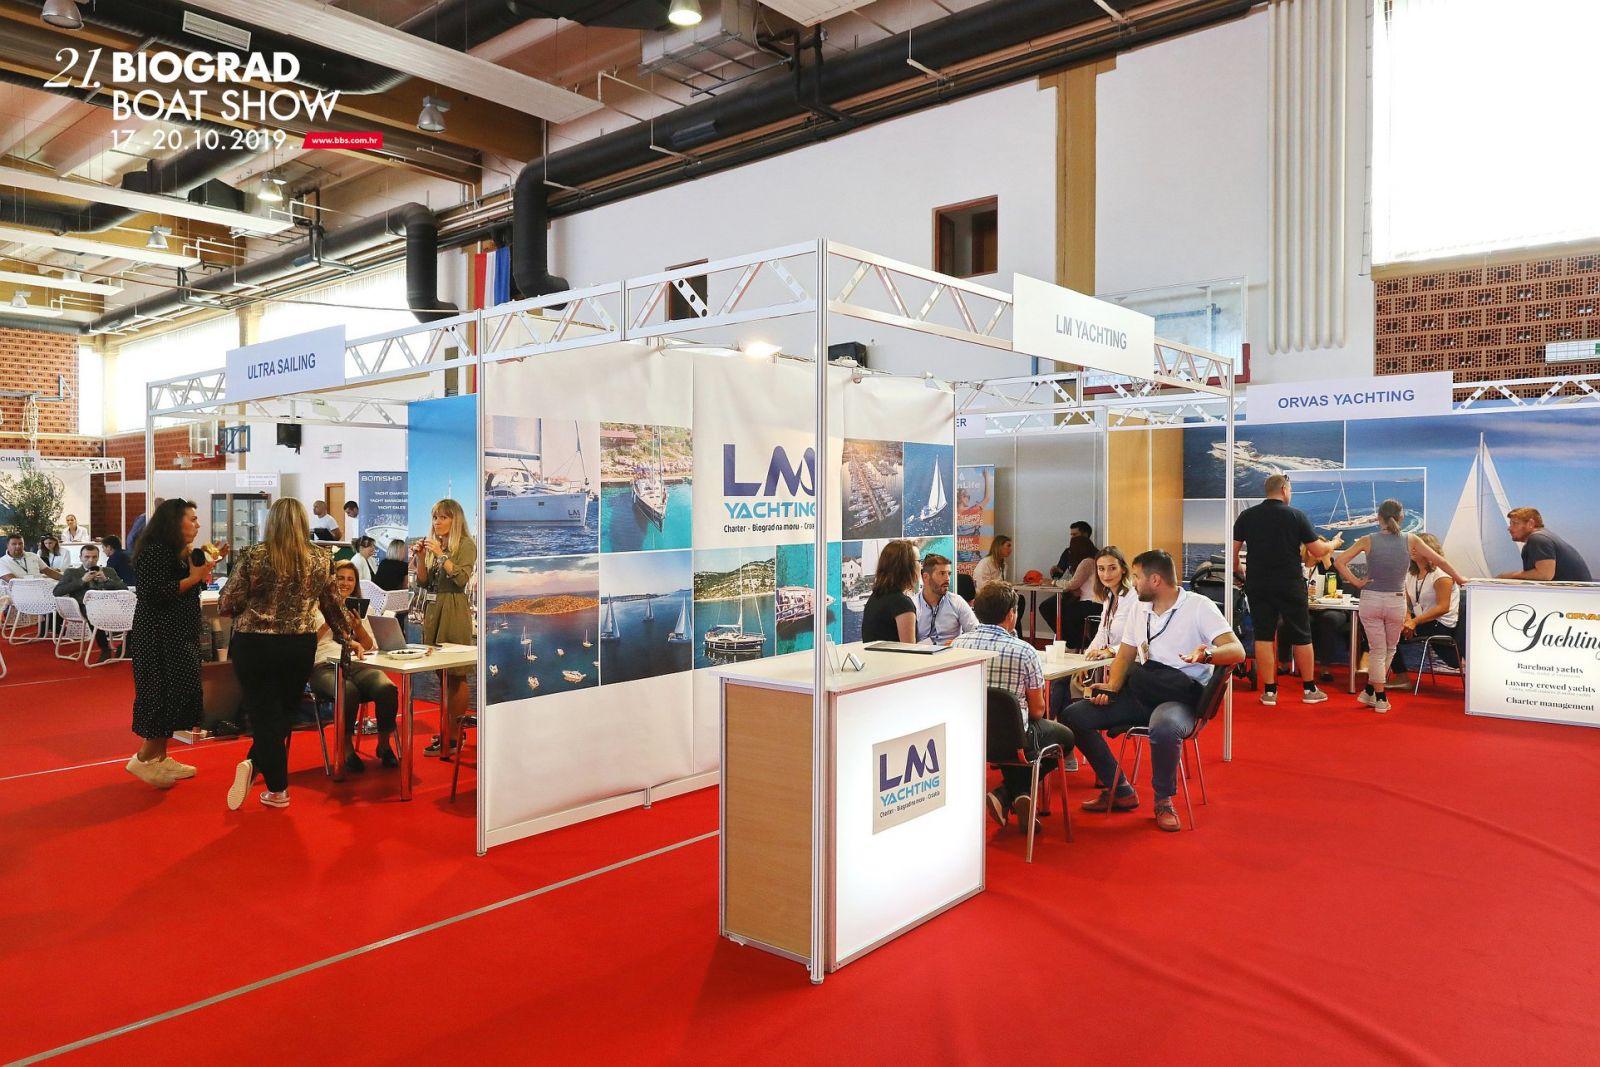 21. Biograd Boat Show - Croatia Charter Expo